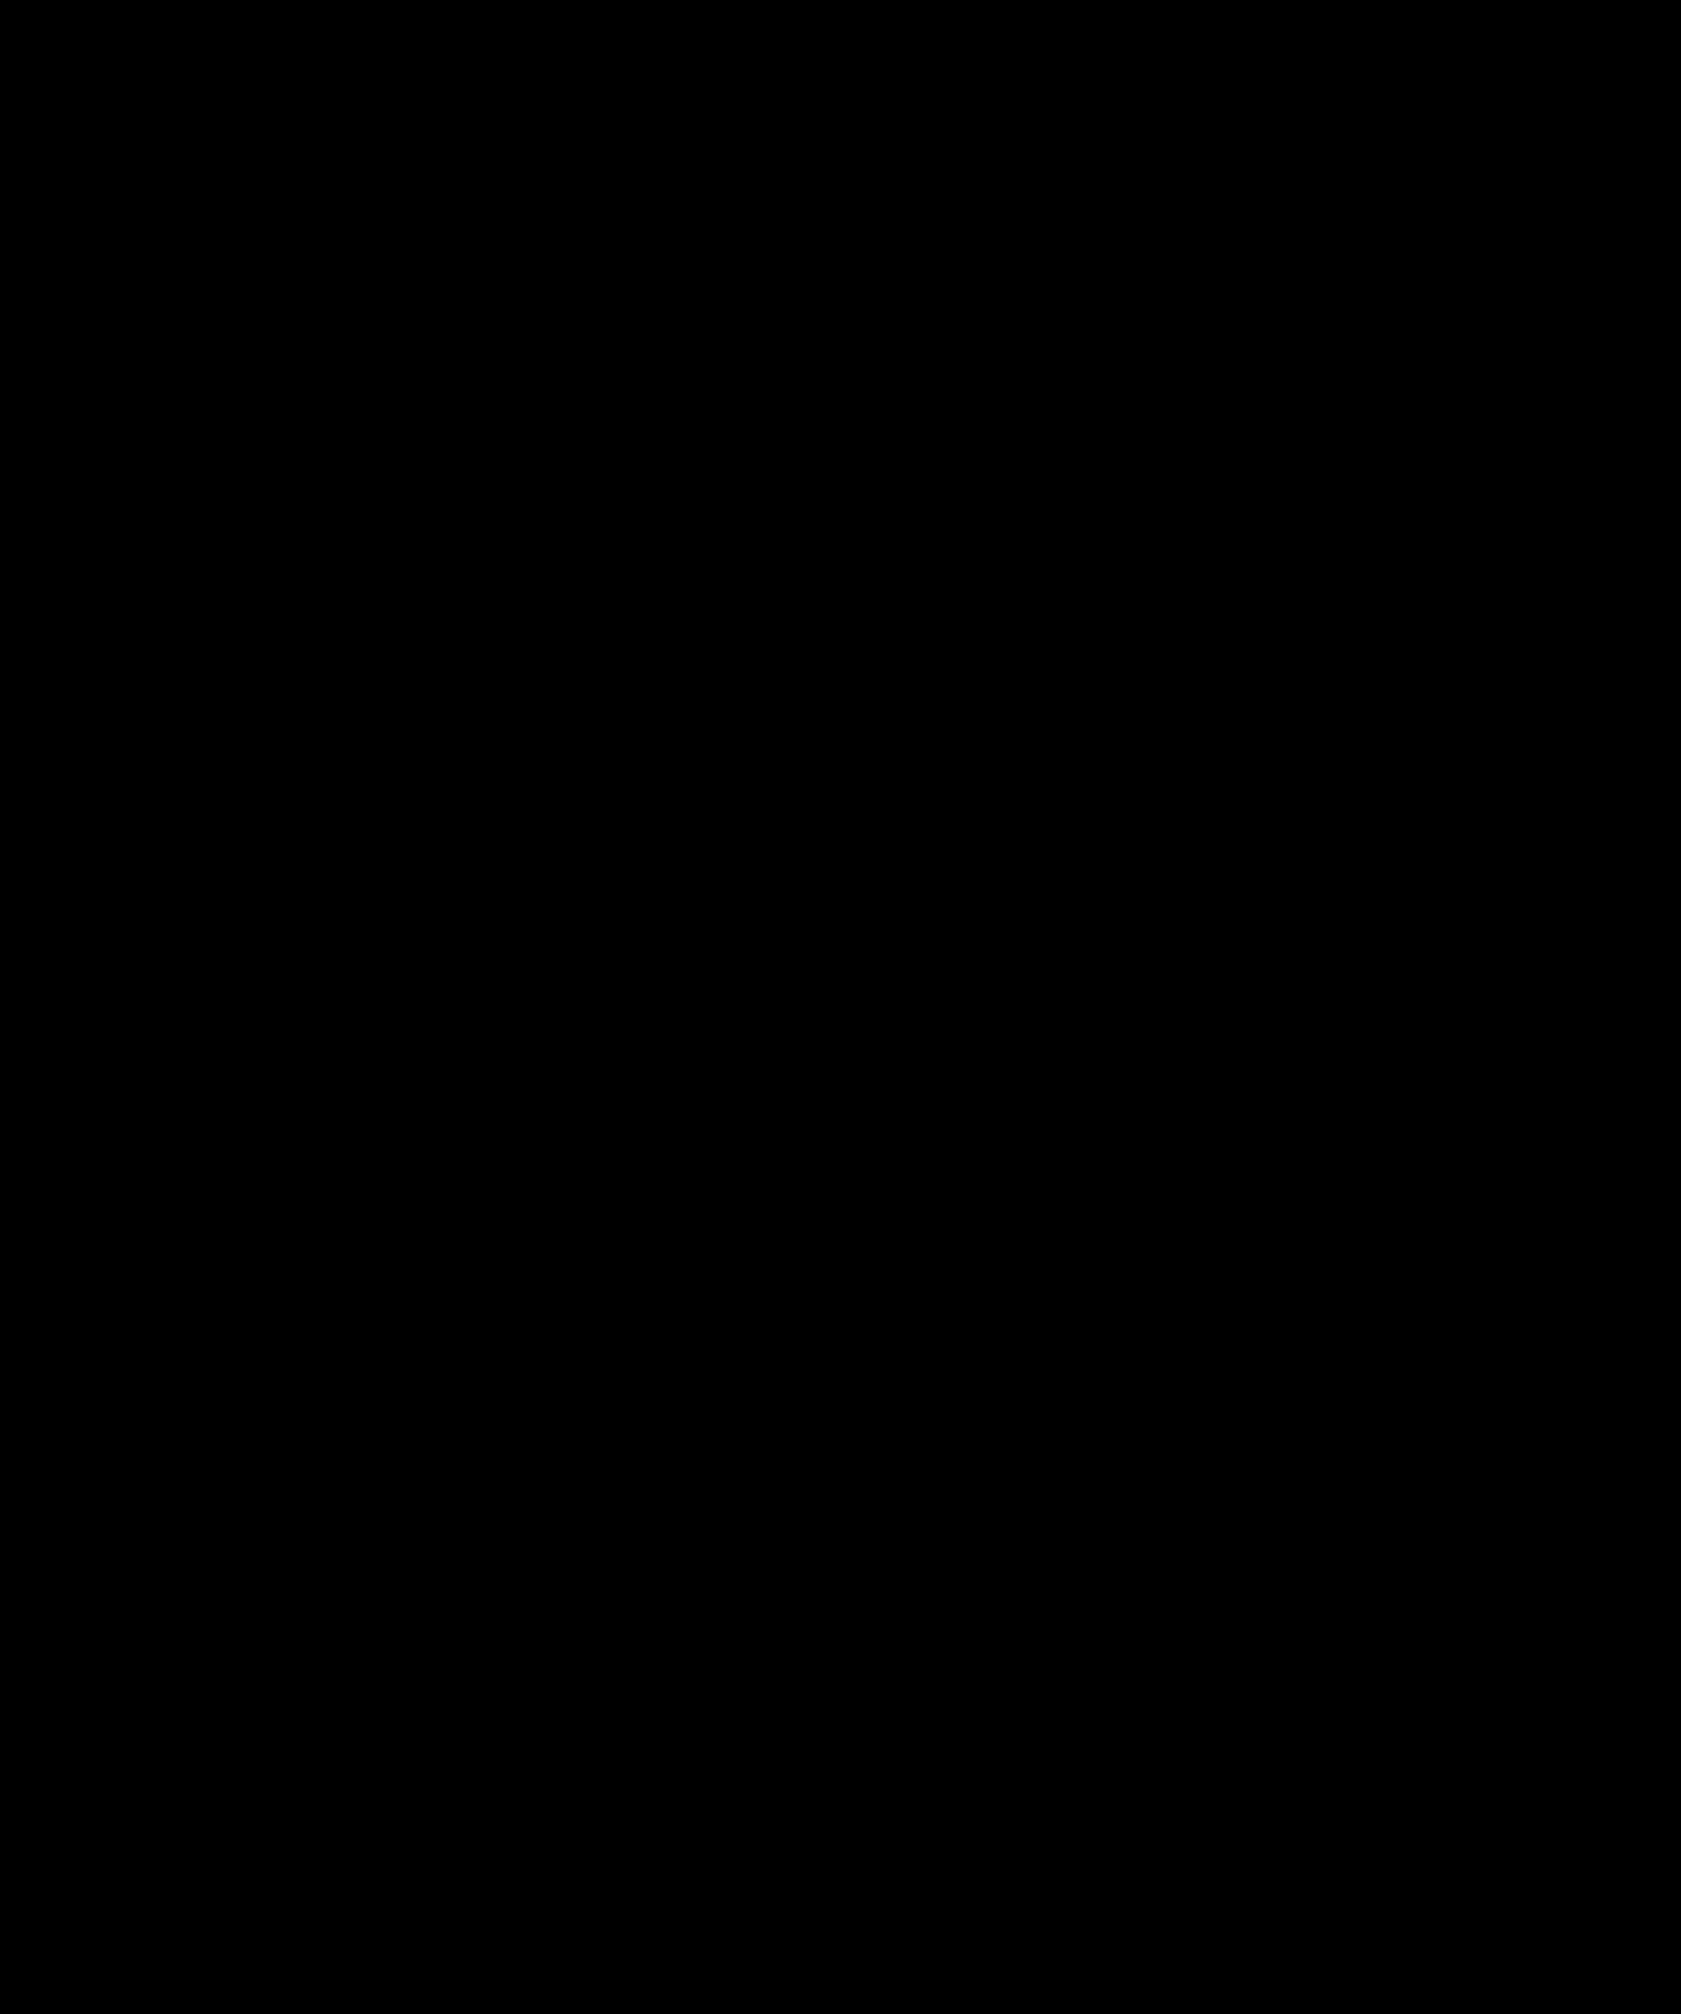 Naklejka na ścianę dwa ak-47